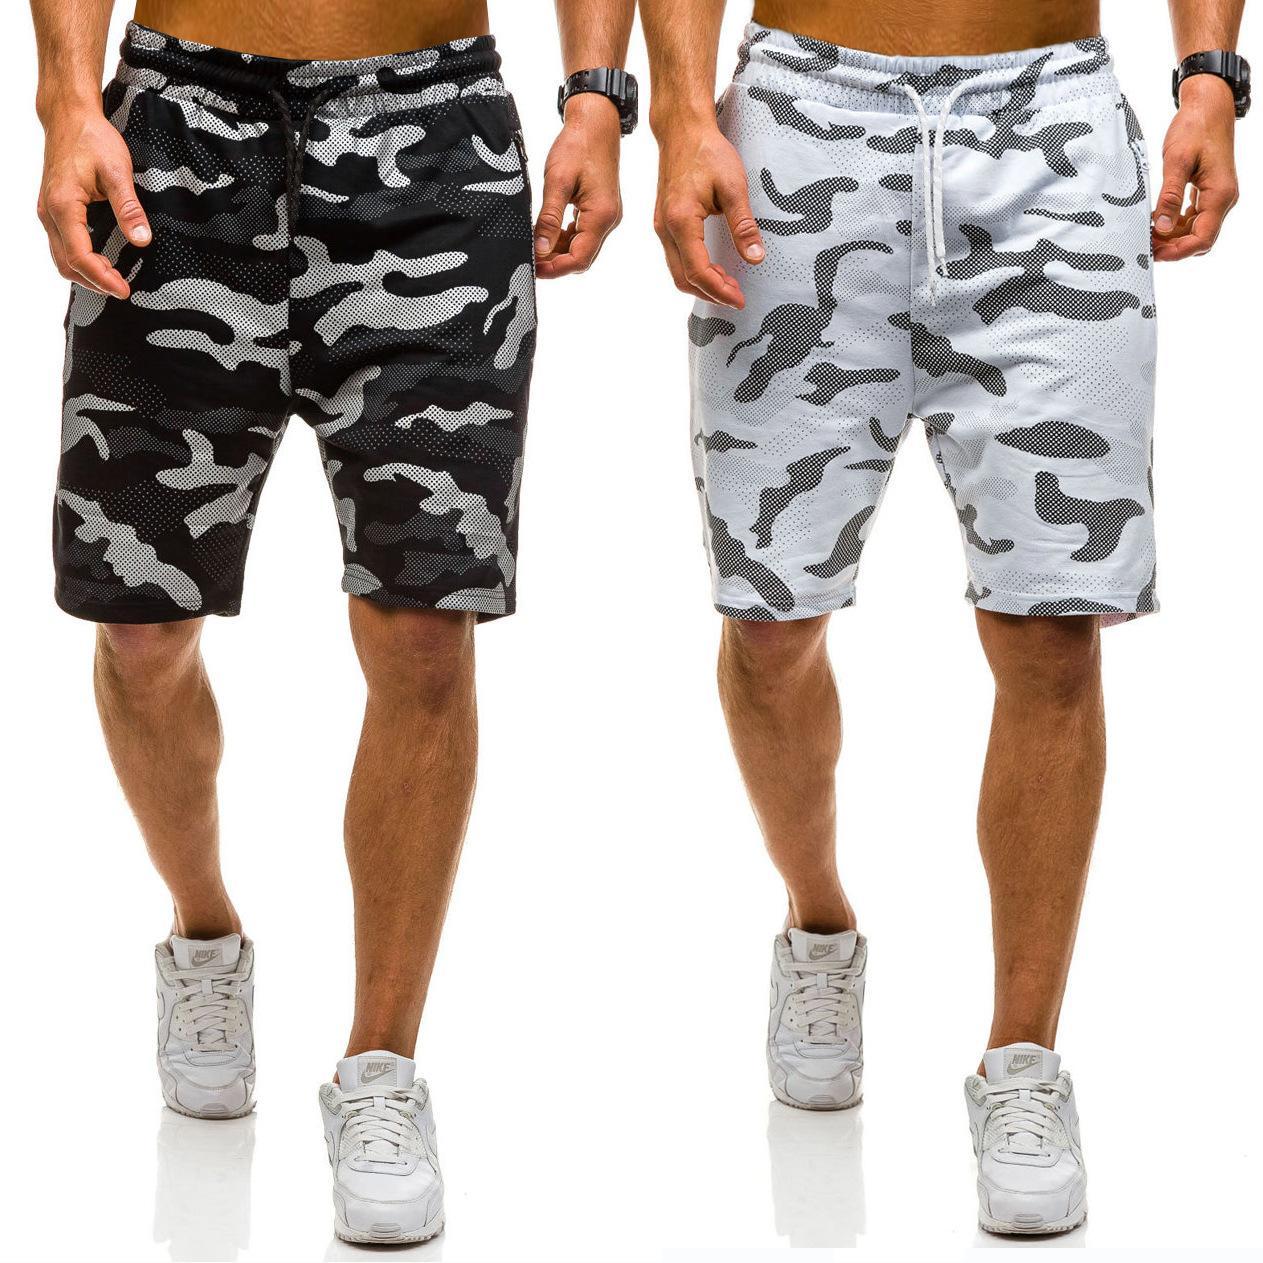 9f905c906d Compre 2018 Nuevo Verano Camuflaje Cargo Shorts Hombres Sueltos Pantalones  Militares De Los Hombres Tamaño 29 44 Casual Hombre Pantalones Cortos Sin  Correa ...